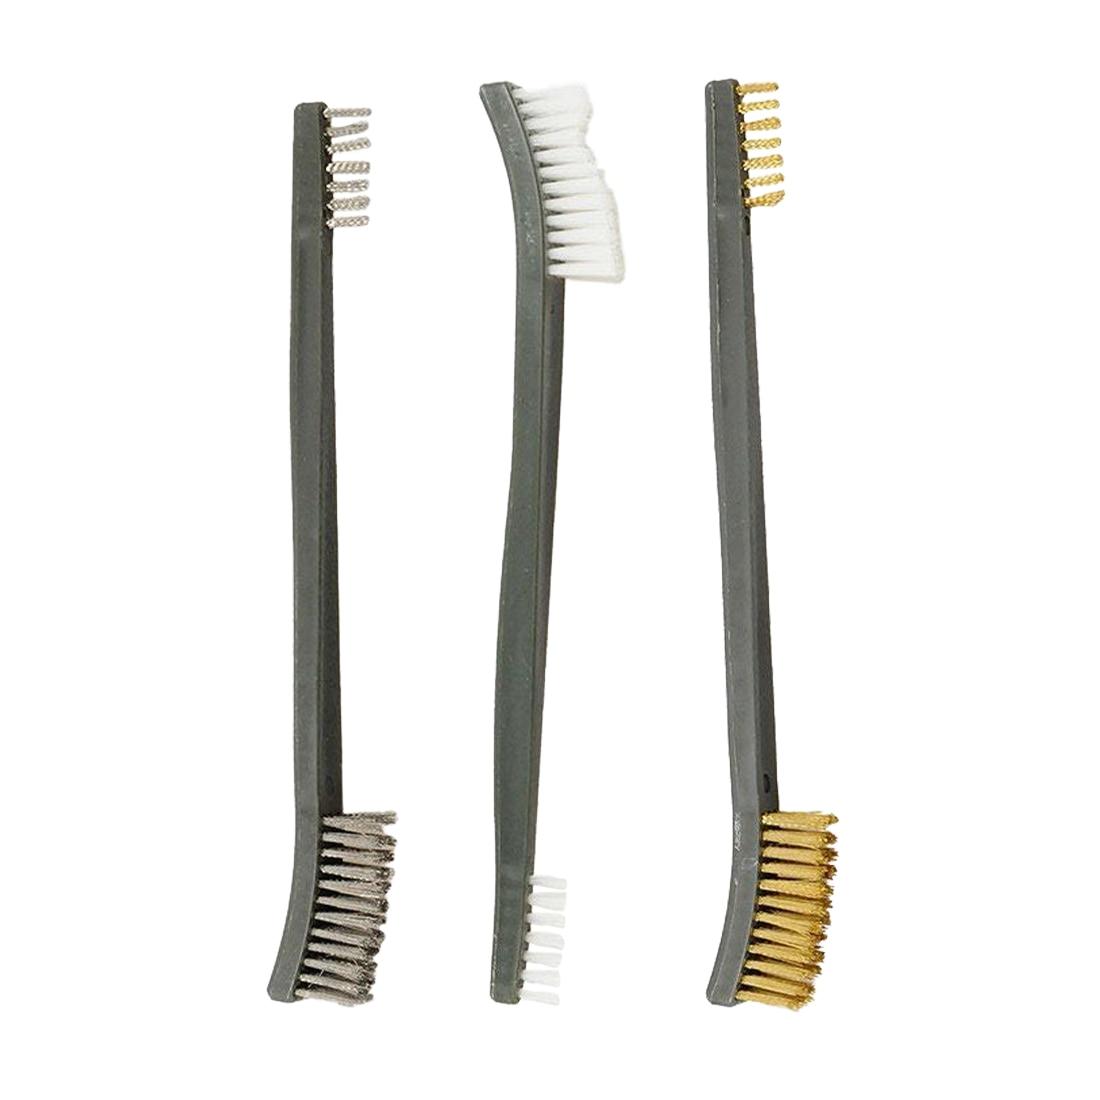 Offre spéciale 3 pièces/ensemble 17cm acier/Nylon/laiton brosse adapté au nettoyage peinture/rouille/saleté